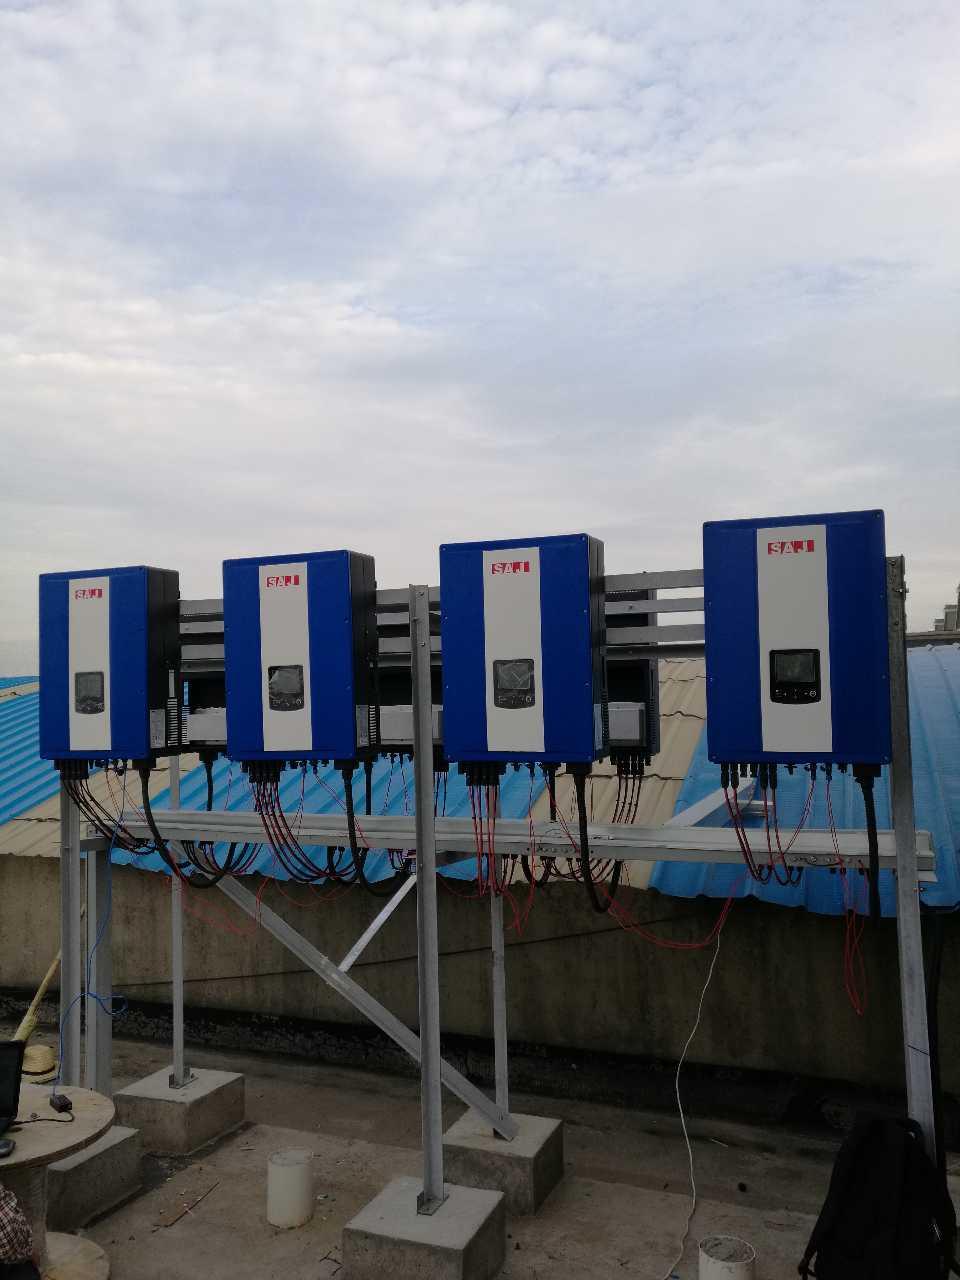 来自李**发布的供应信息:广州三晶电气股份有限公司自主生产研发光伏... - 广州三晶电气股份有限公司